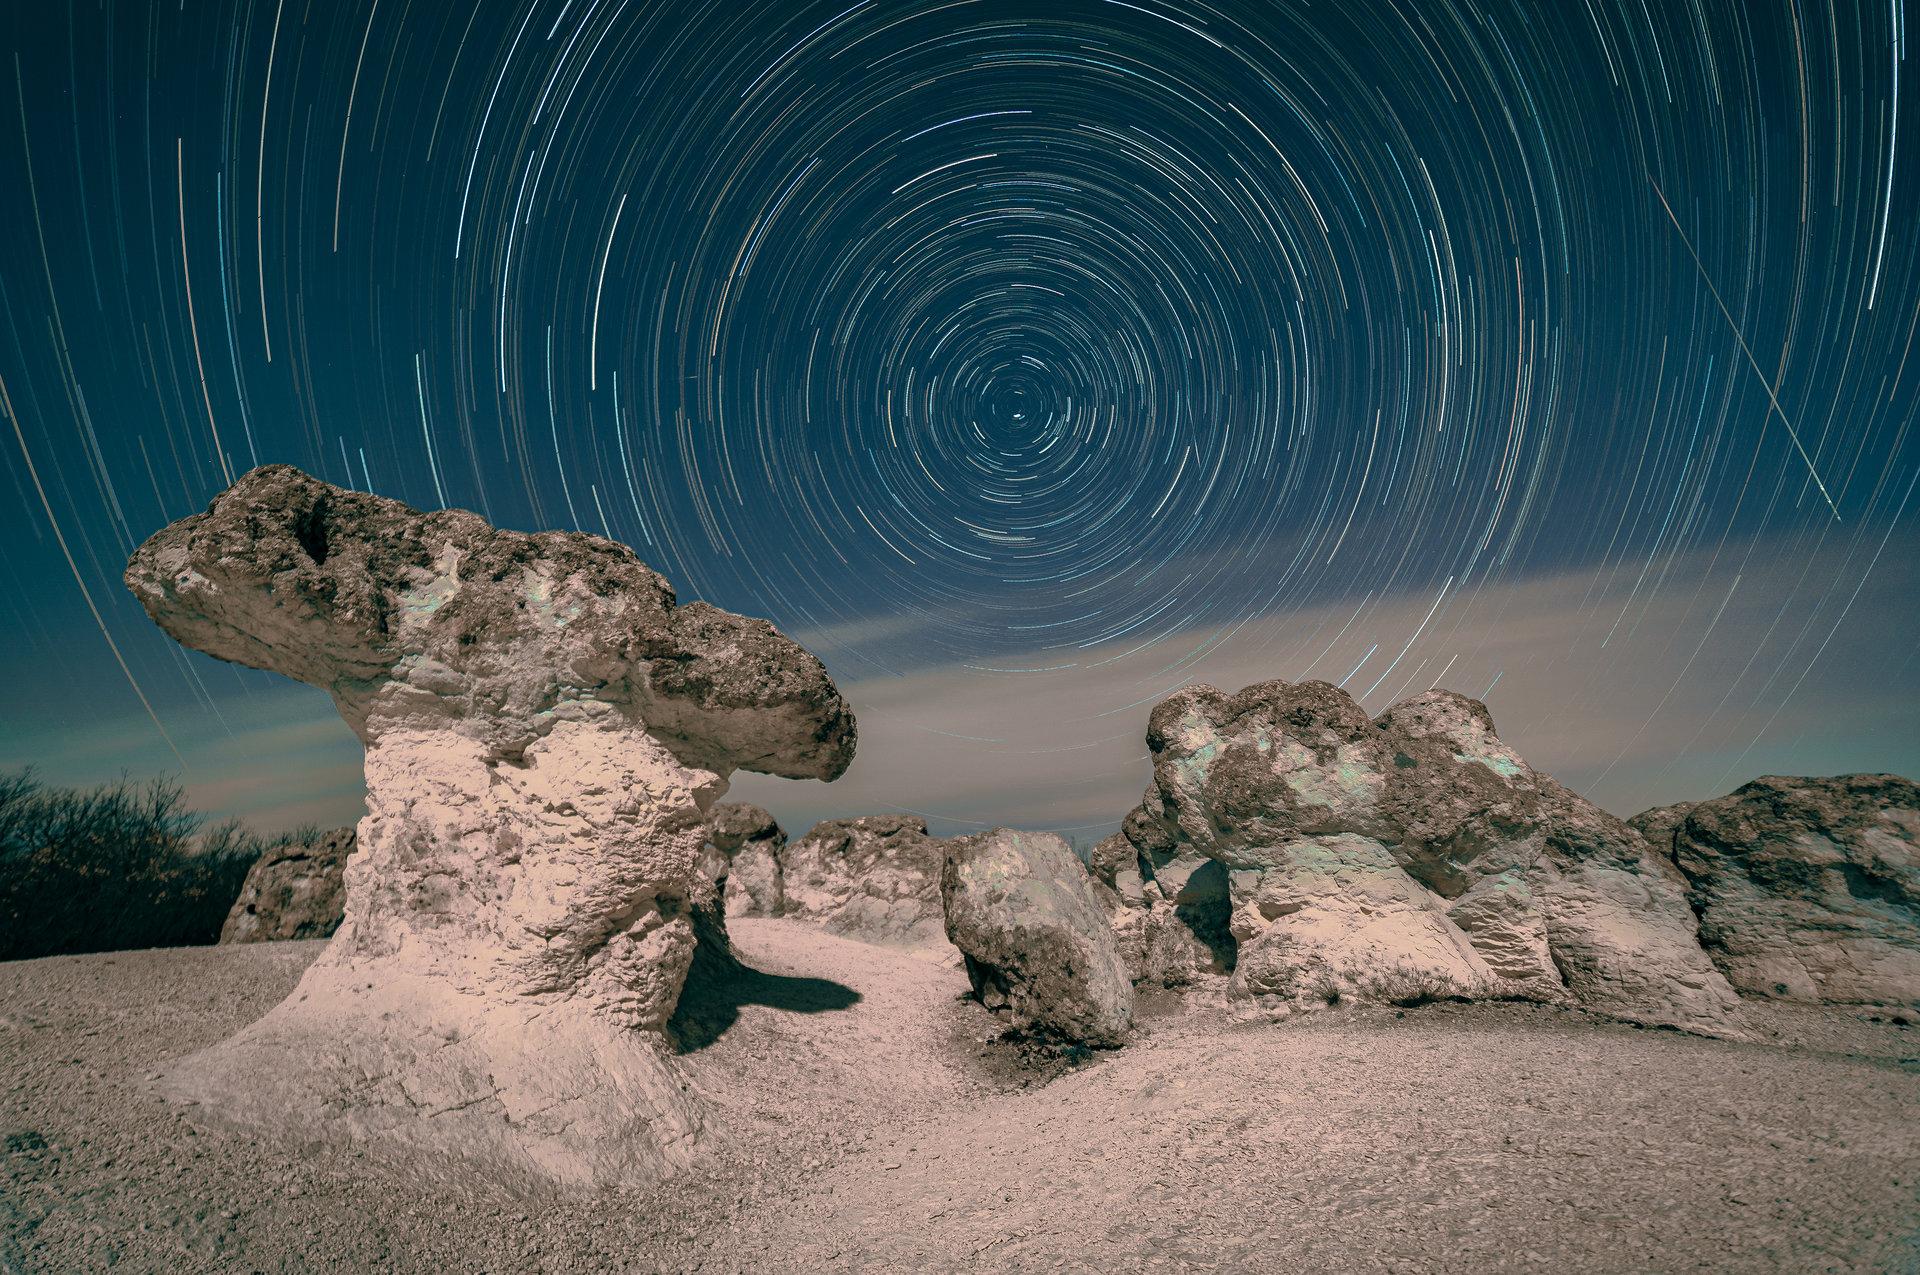 Star trails | Author Bozhidar Uzunov - bobby5 | PHOTO FORUM